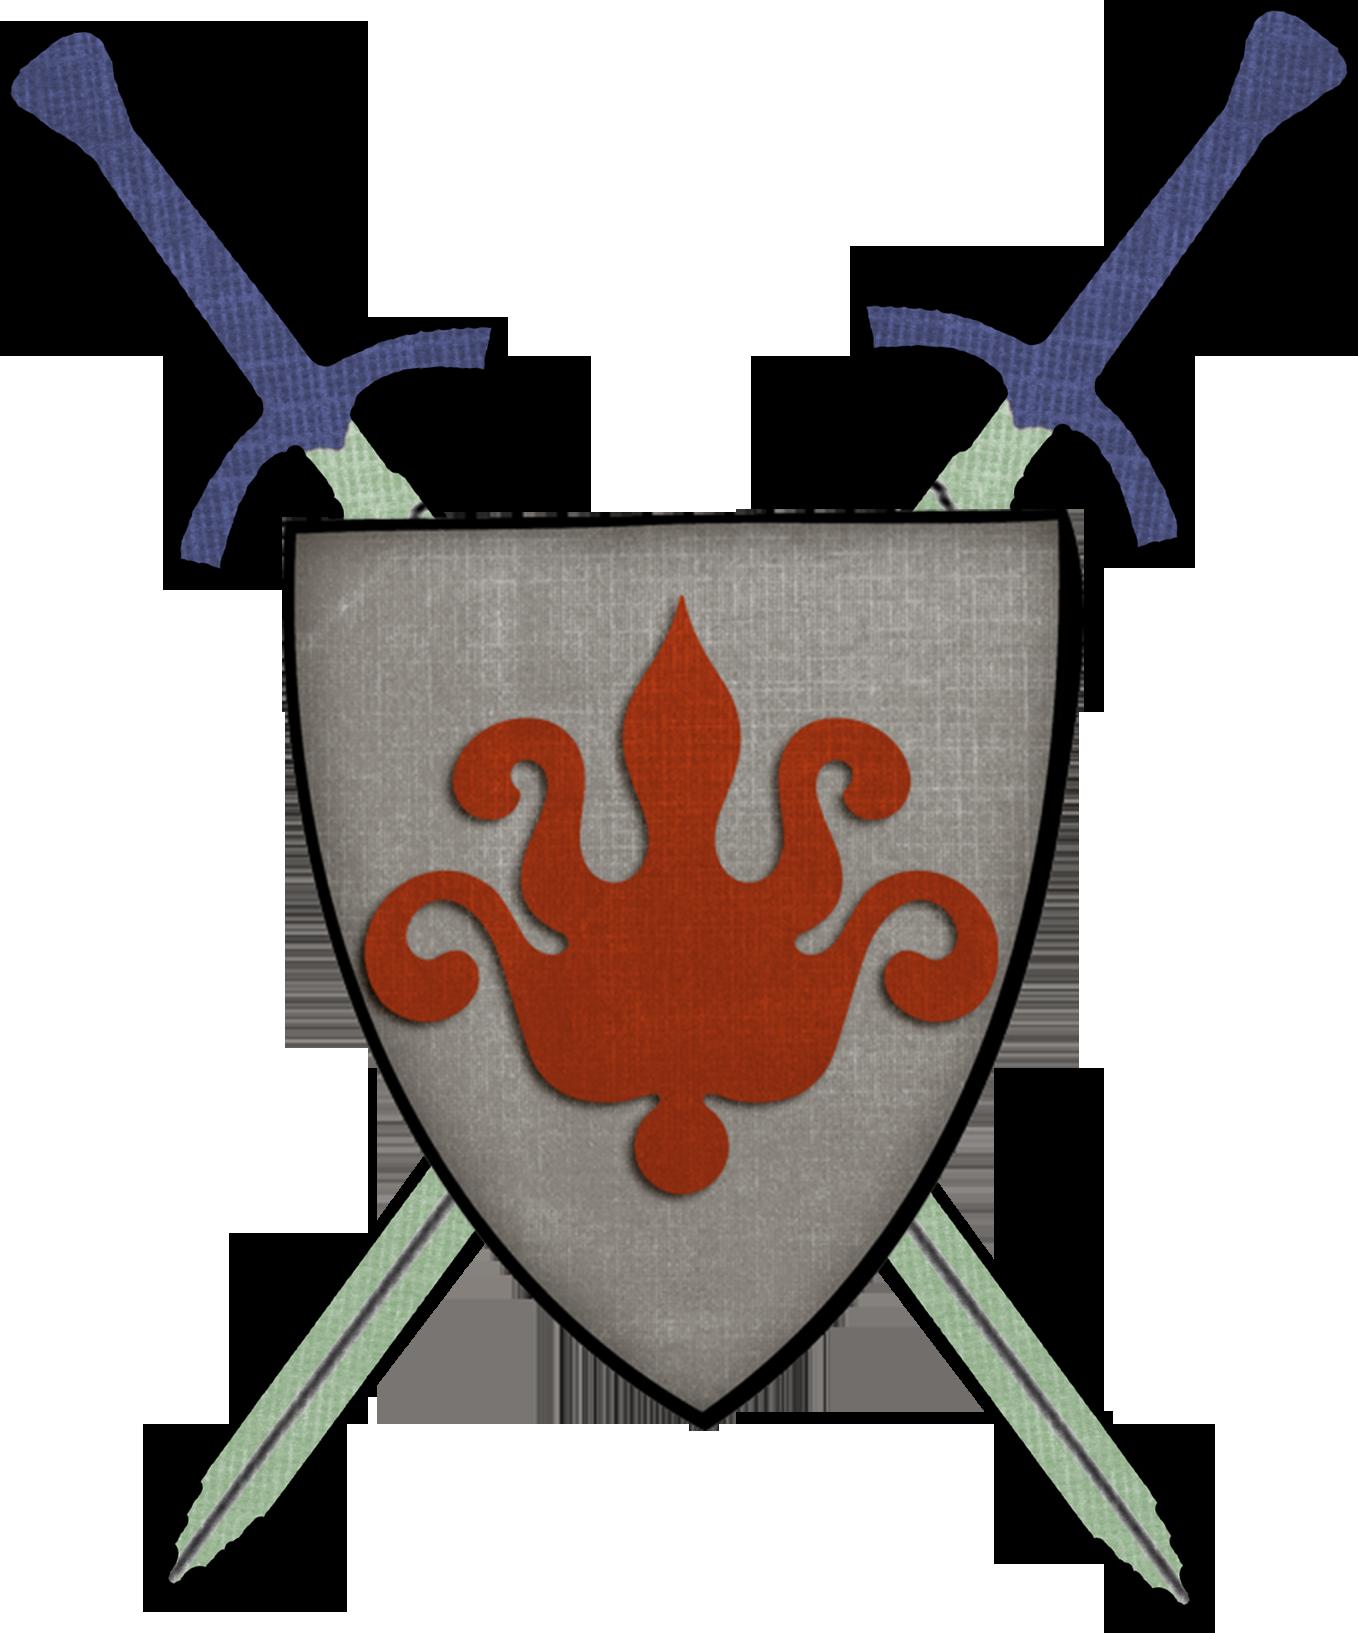 картинки герб на щите рыцаря прост, результат